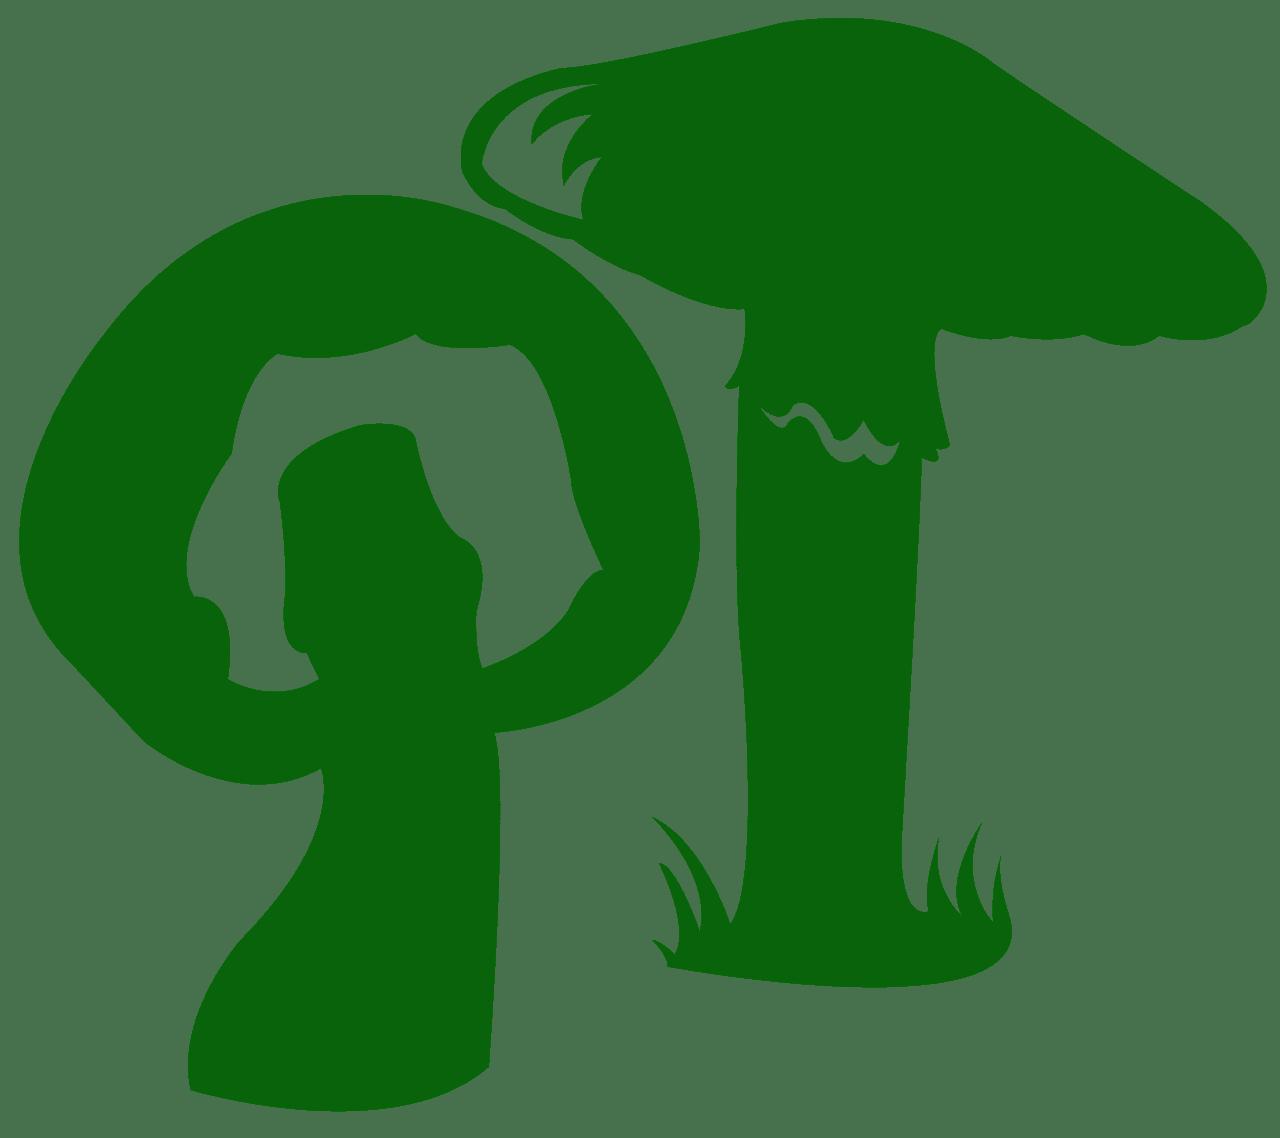 Mushroom silhouette.